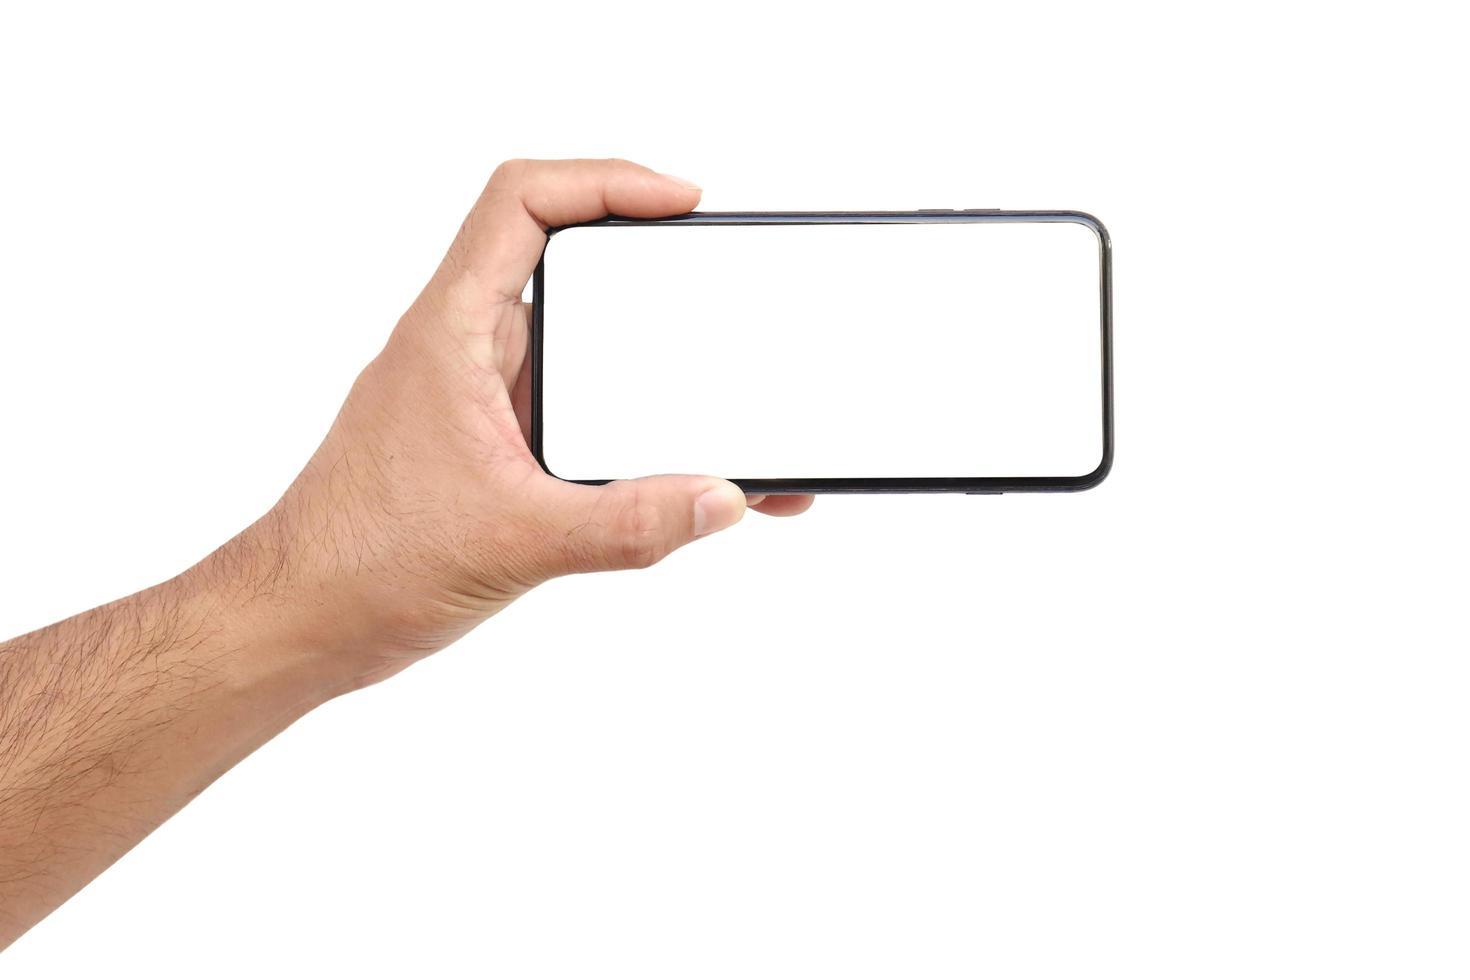 internetcommunicatie en reclame-ideeën, de hand houdt het witte scherm vast, de mobiele telefoon is geïsoleerd op een witte achtergrond met het uitknippad foto